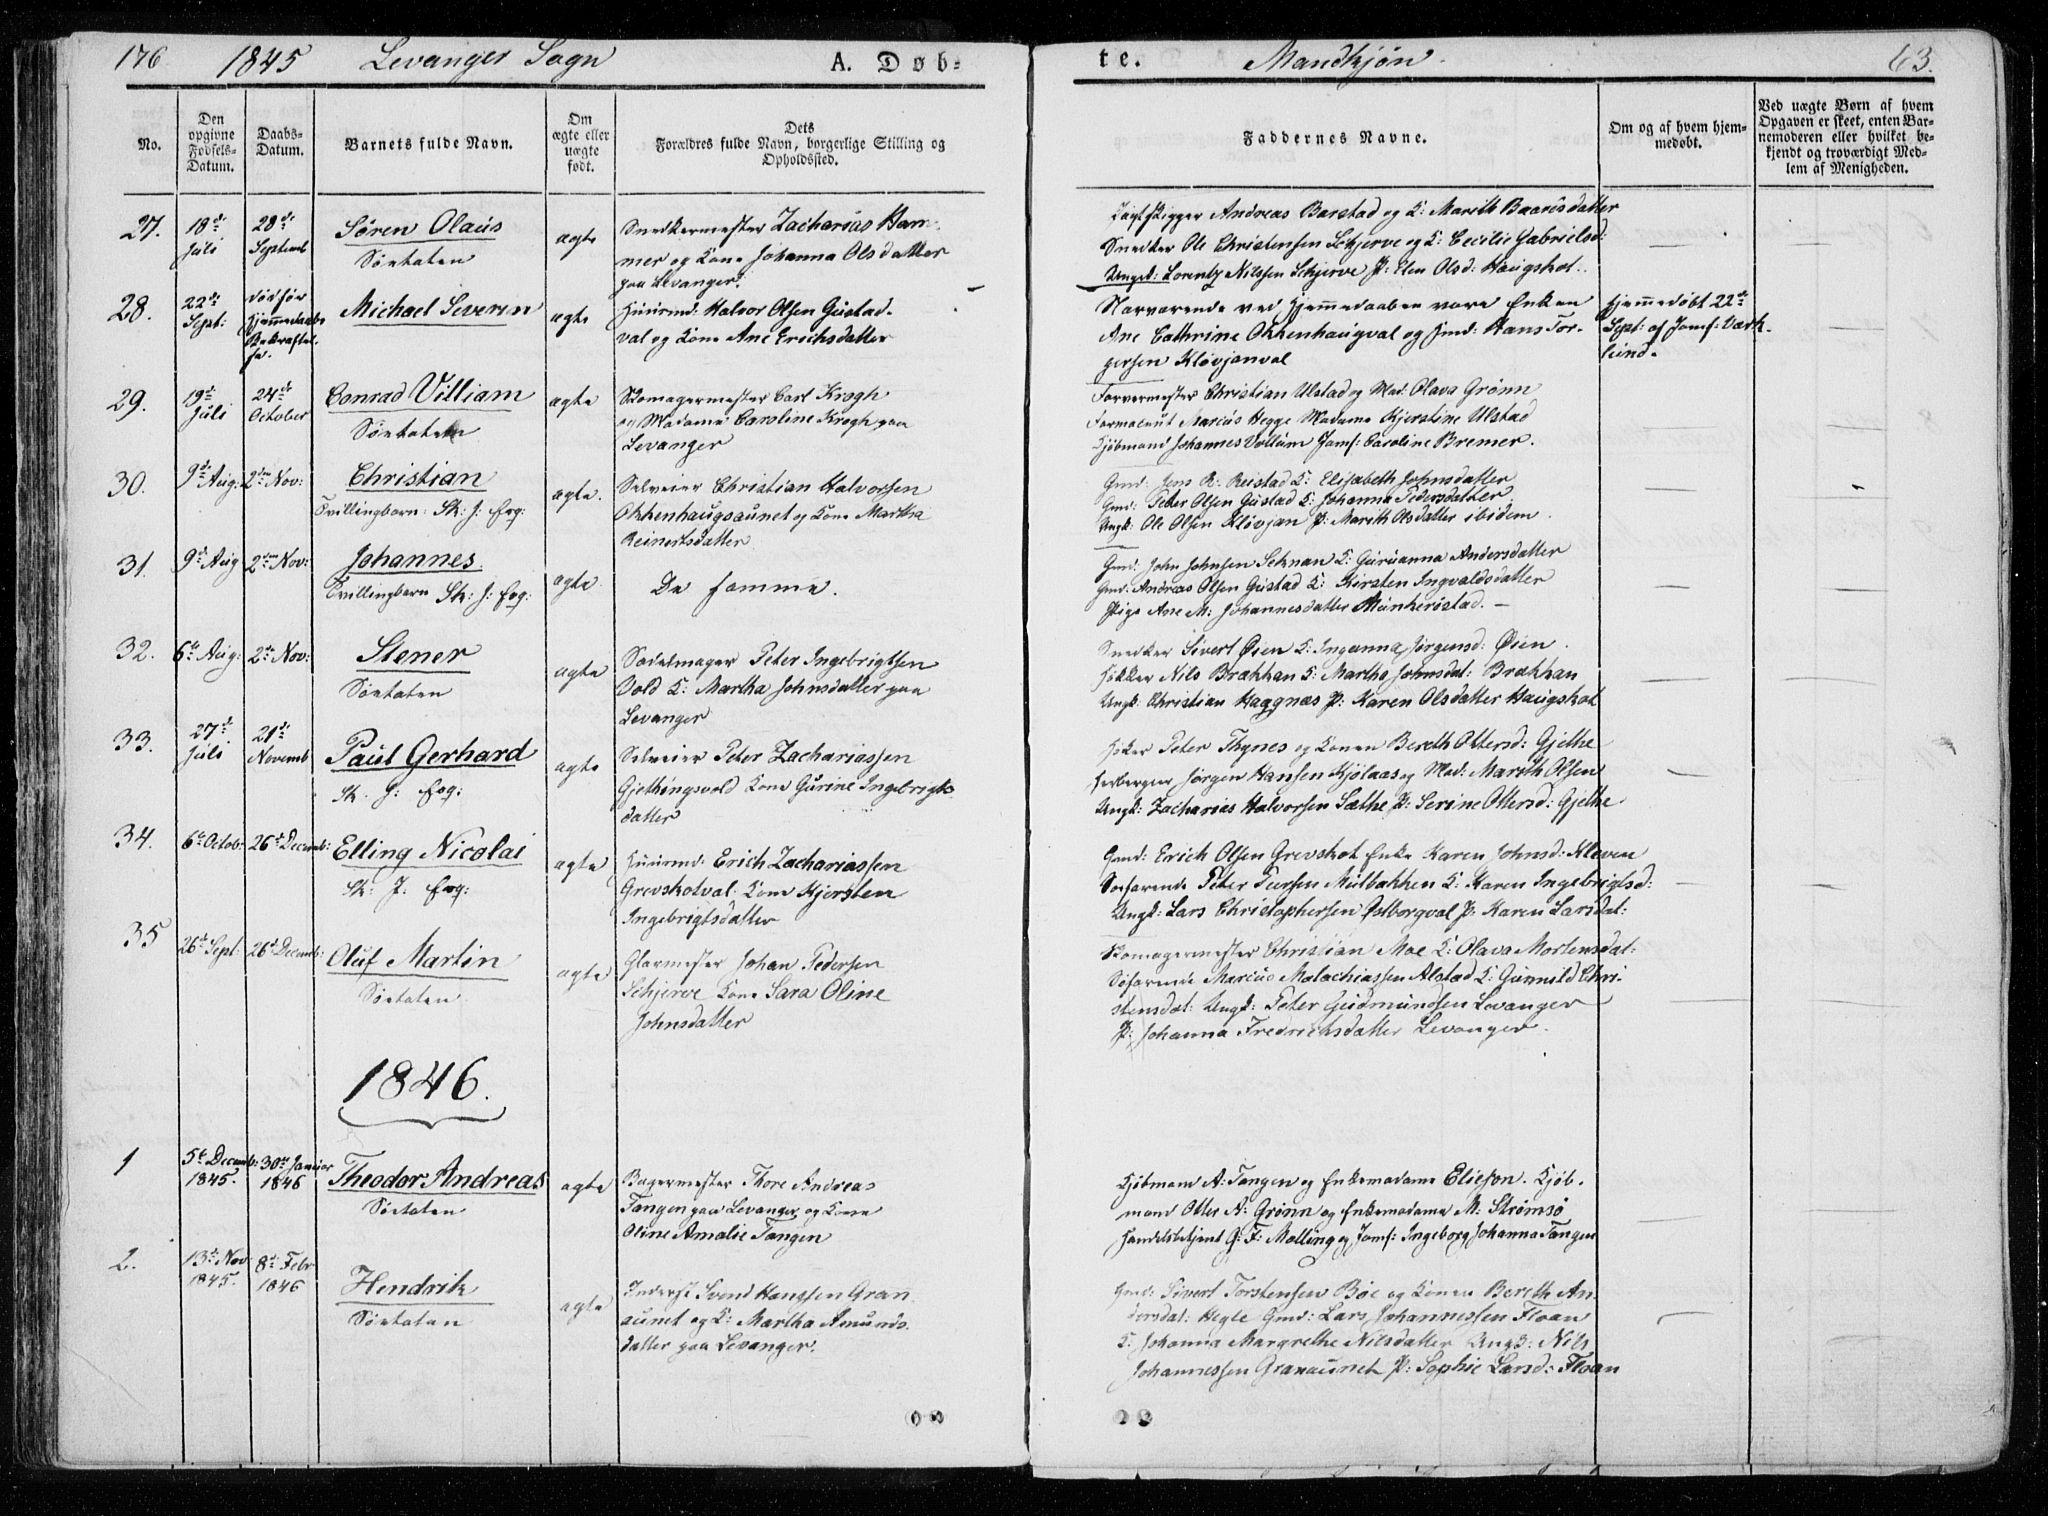 SAT, Ministerialprotokoller, klokkerbøker og fødselsregistre - Nord-Trøndelag, 720/L0183: Ministerialbok nr. 720A01, 1836-1855, s. 63